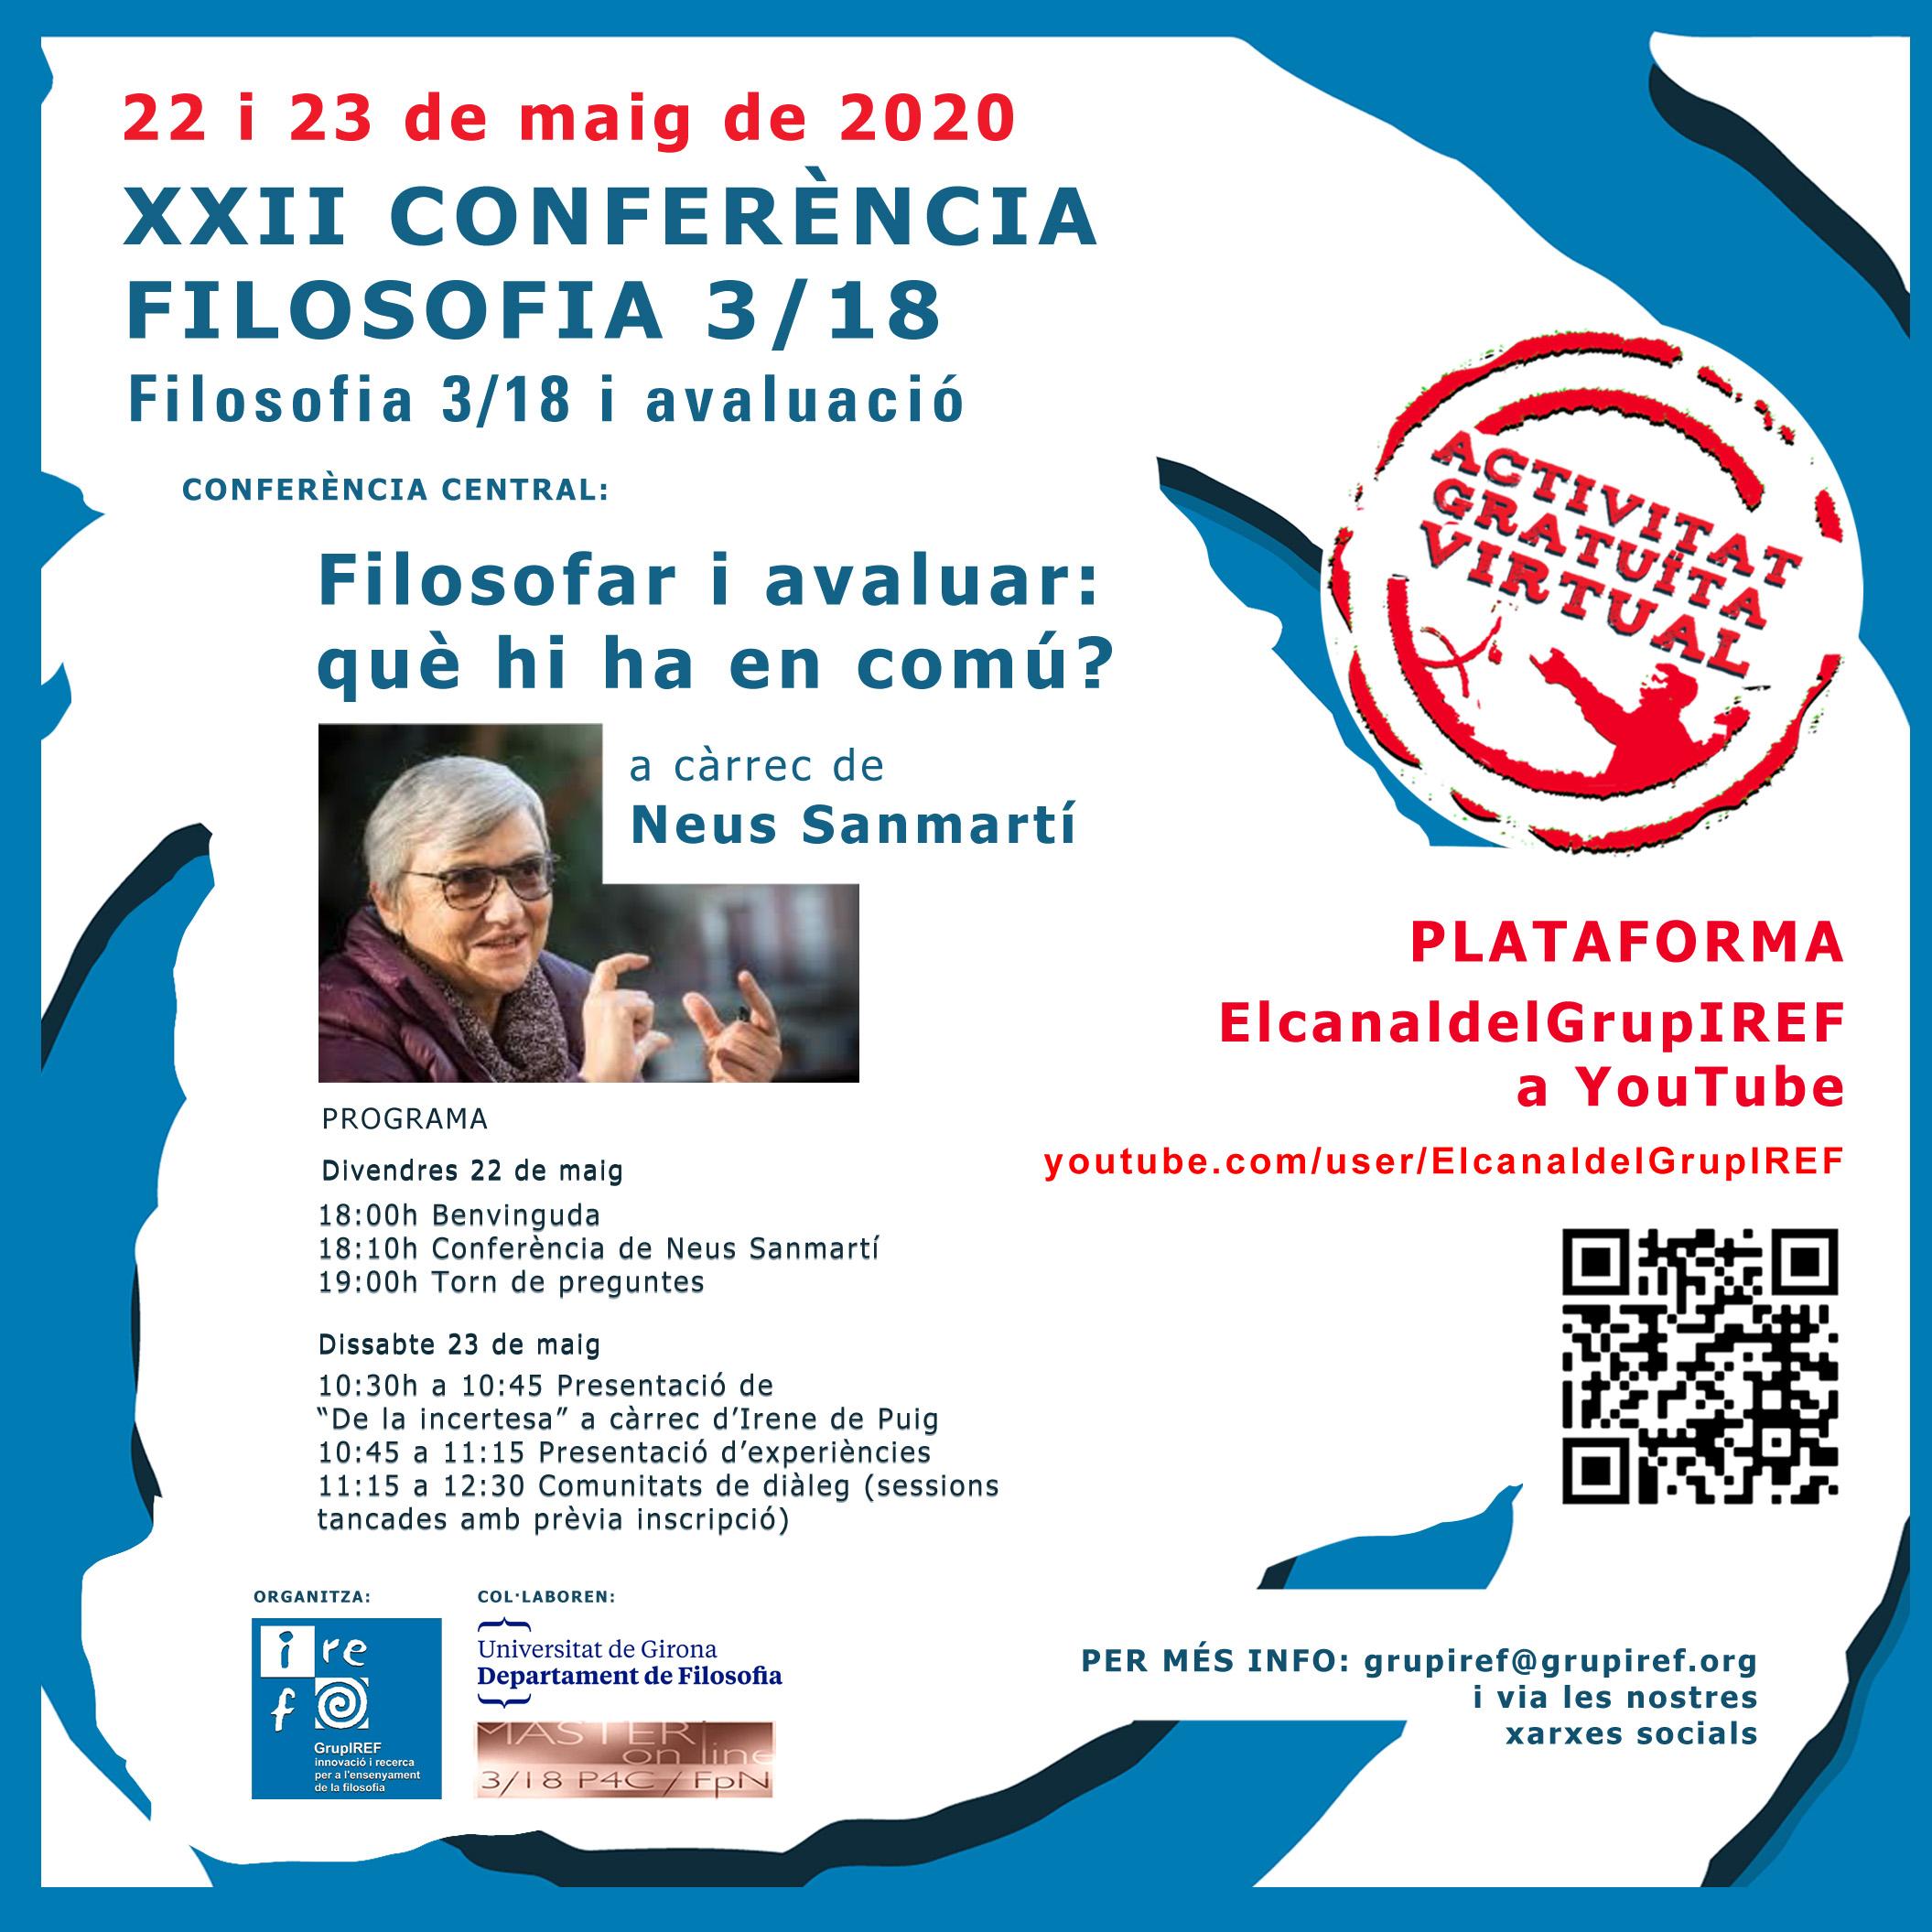 XXII CONFERÈNCIA FILOSOFIA 3/18 - ACTIVITATVIRTUAL, OBERTA I GRATUÏTA